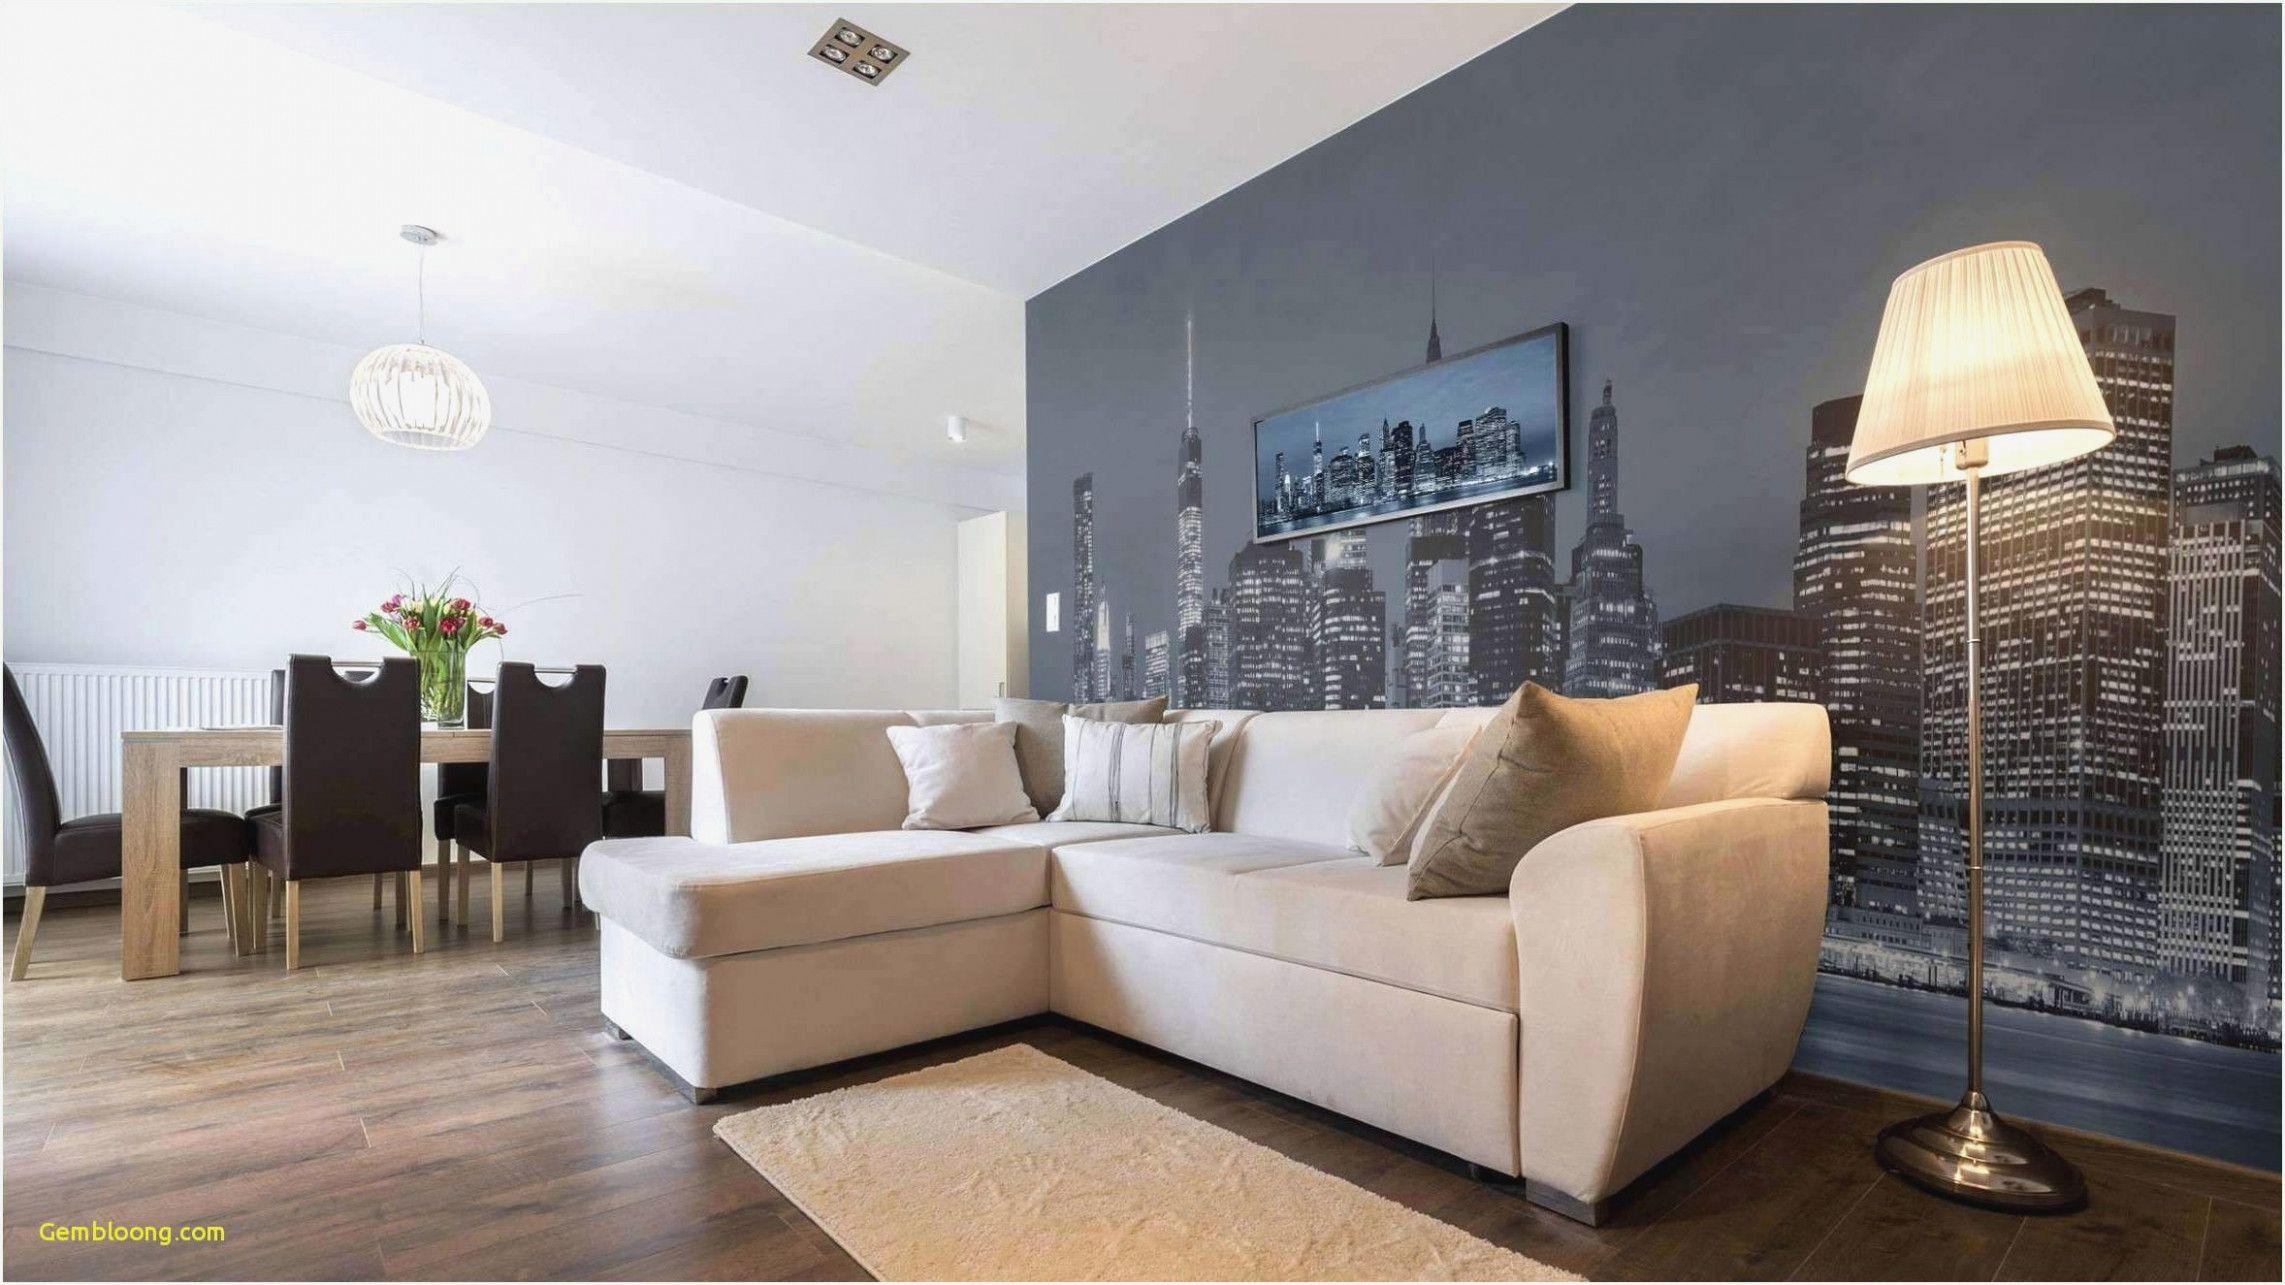 10 Maler Wohnzimmer Ideen in 10  Wohnzimmer modern, Wohnzimmer